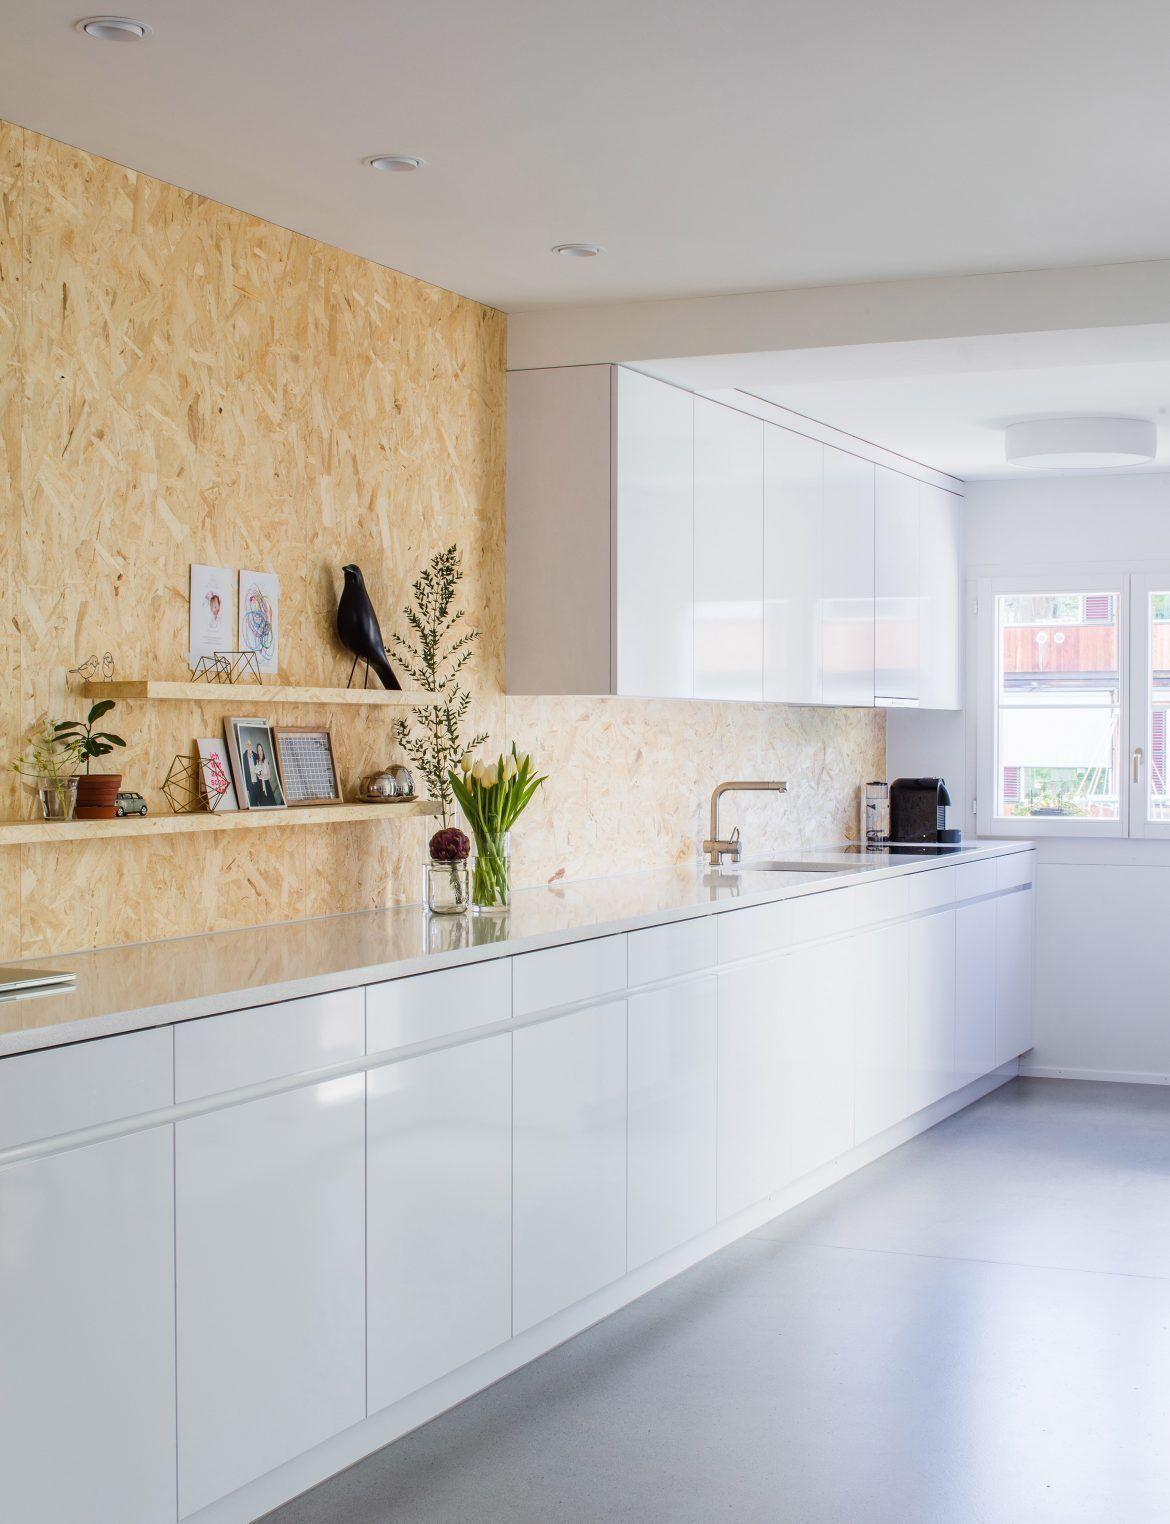 Osb Dans Salle De Bain osb : idées déco avec panneaux de bois | renovation cuisine